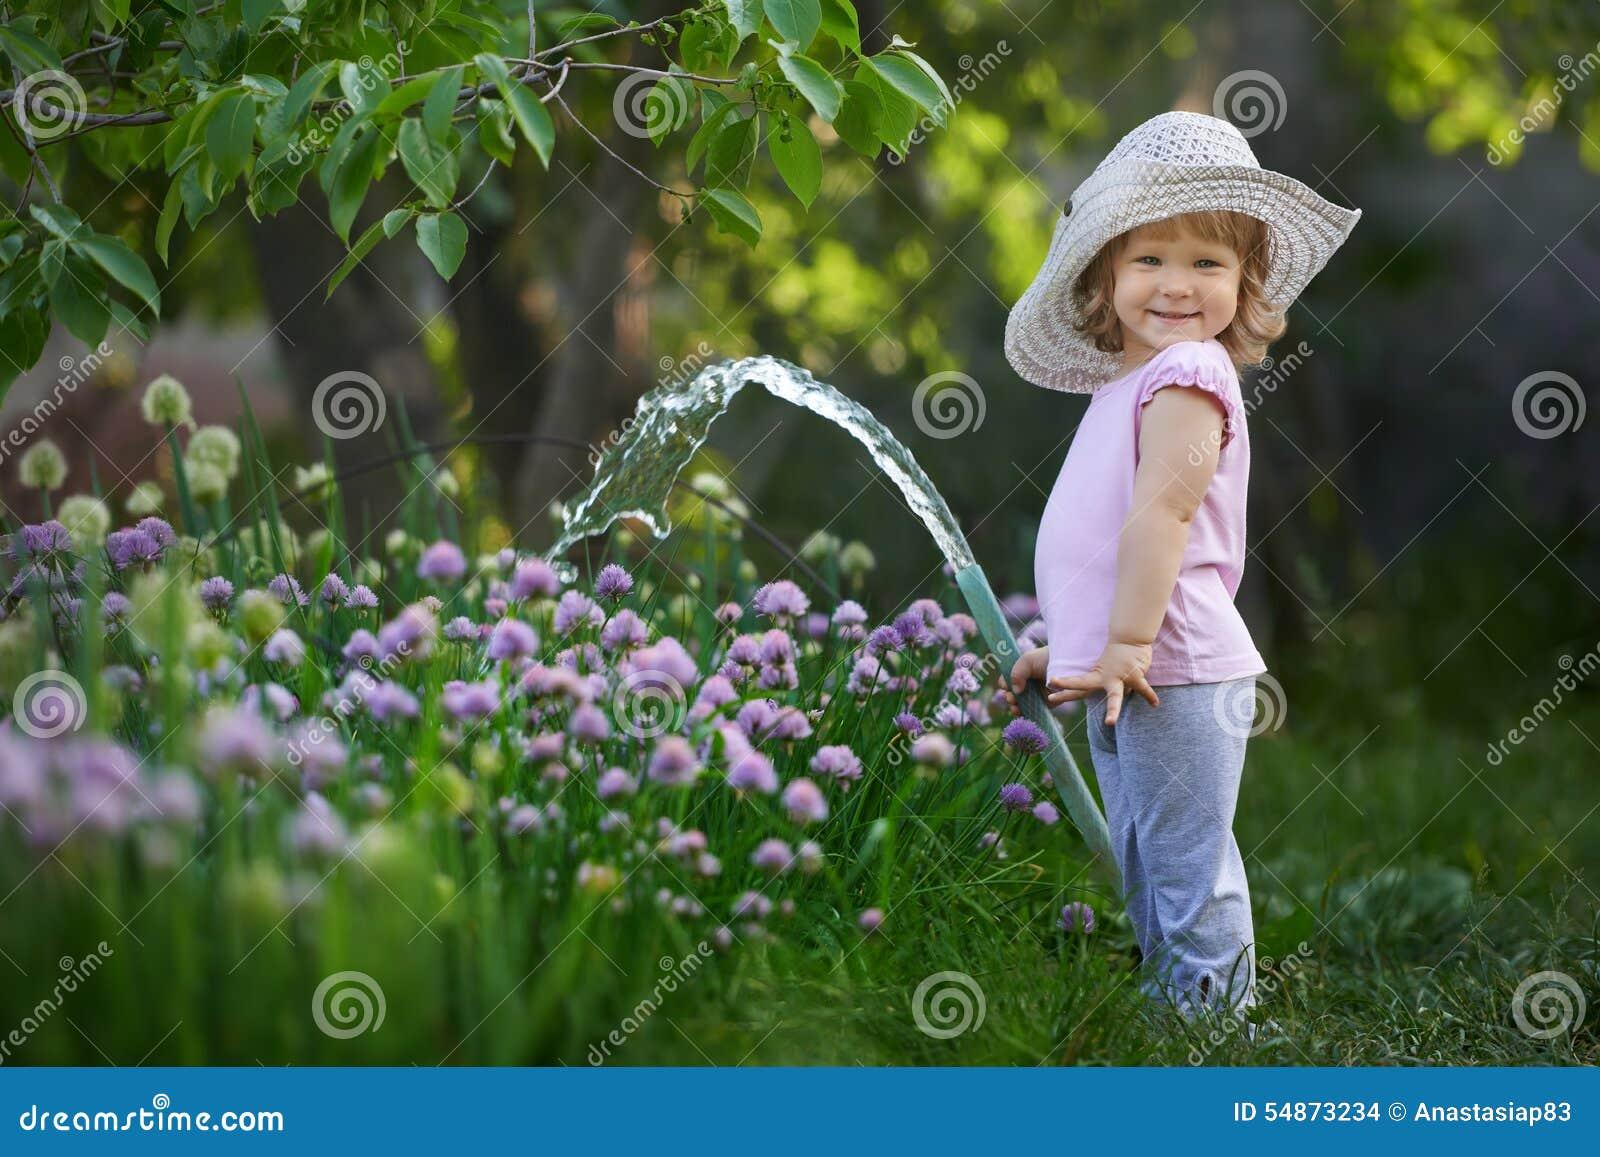 Cebollas de riego del pequeño niño en el jardín